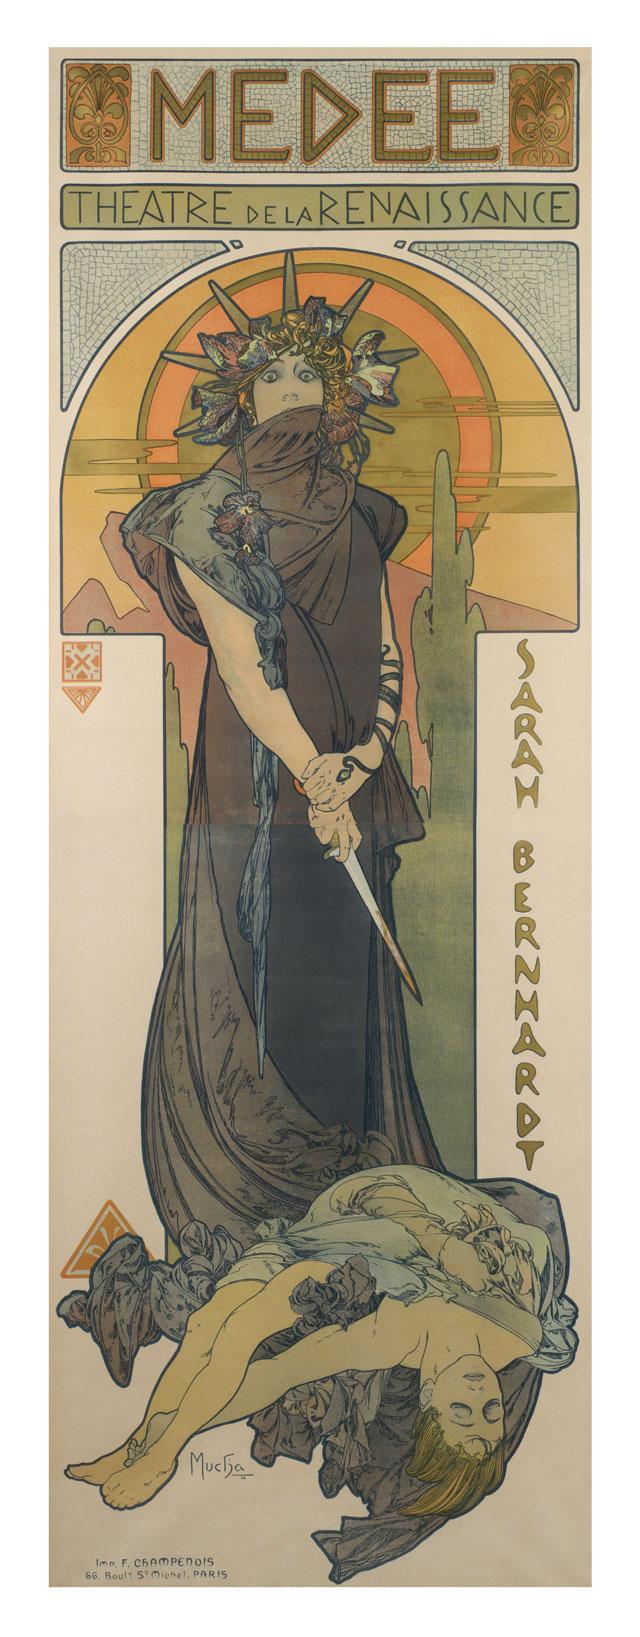 Alfons Mucha, Medée, 1898